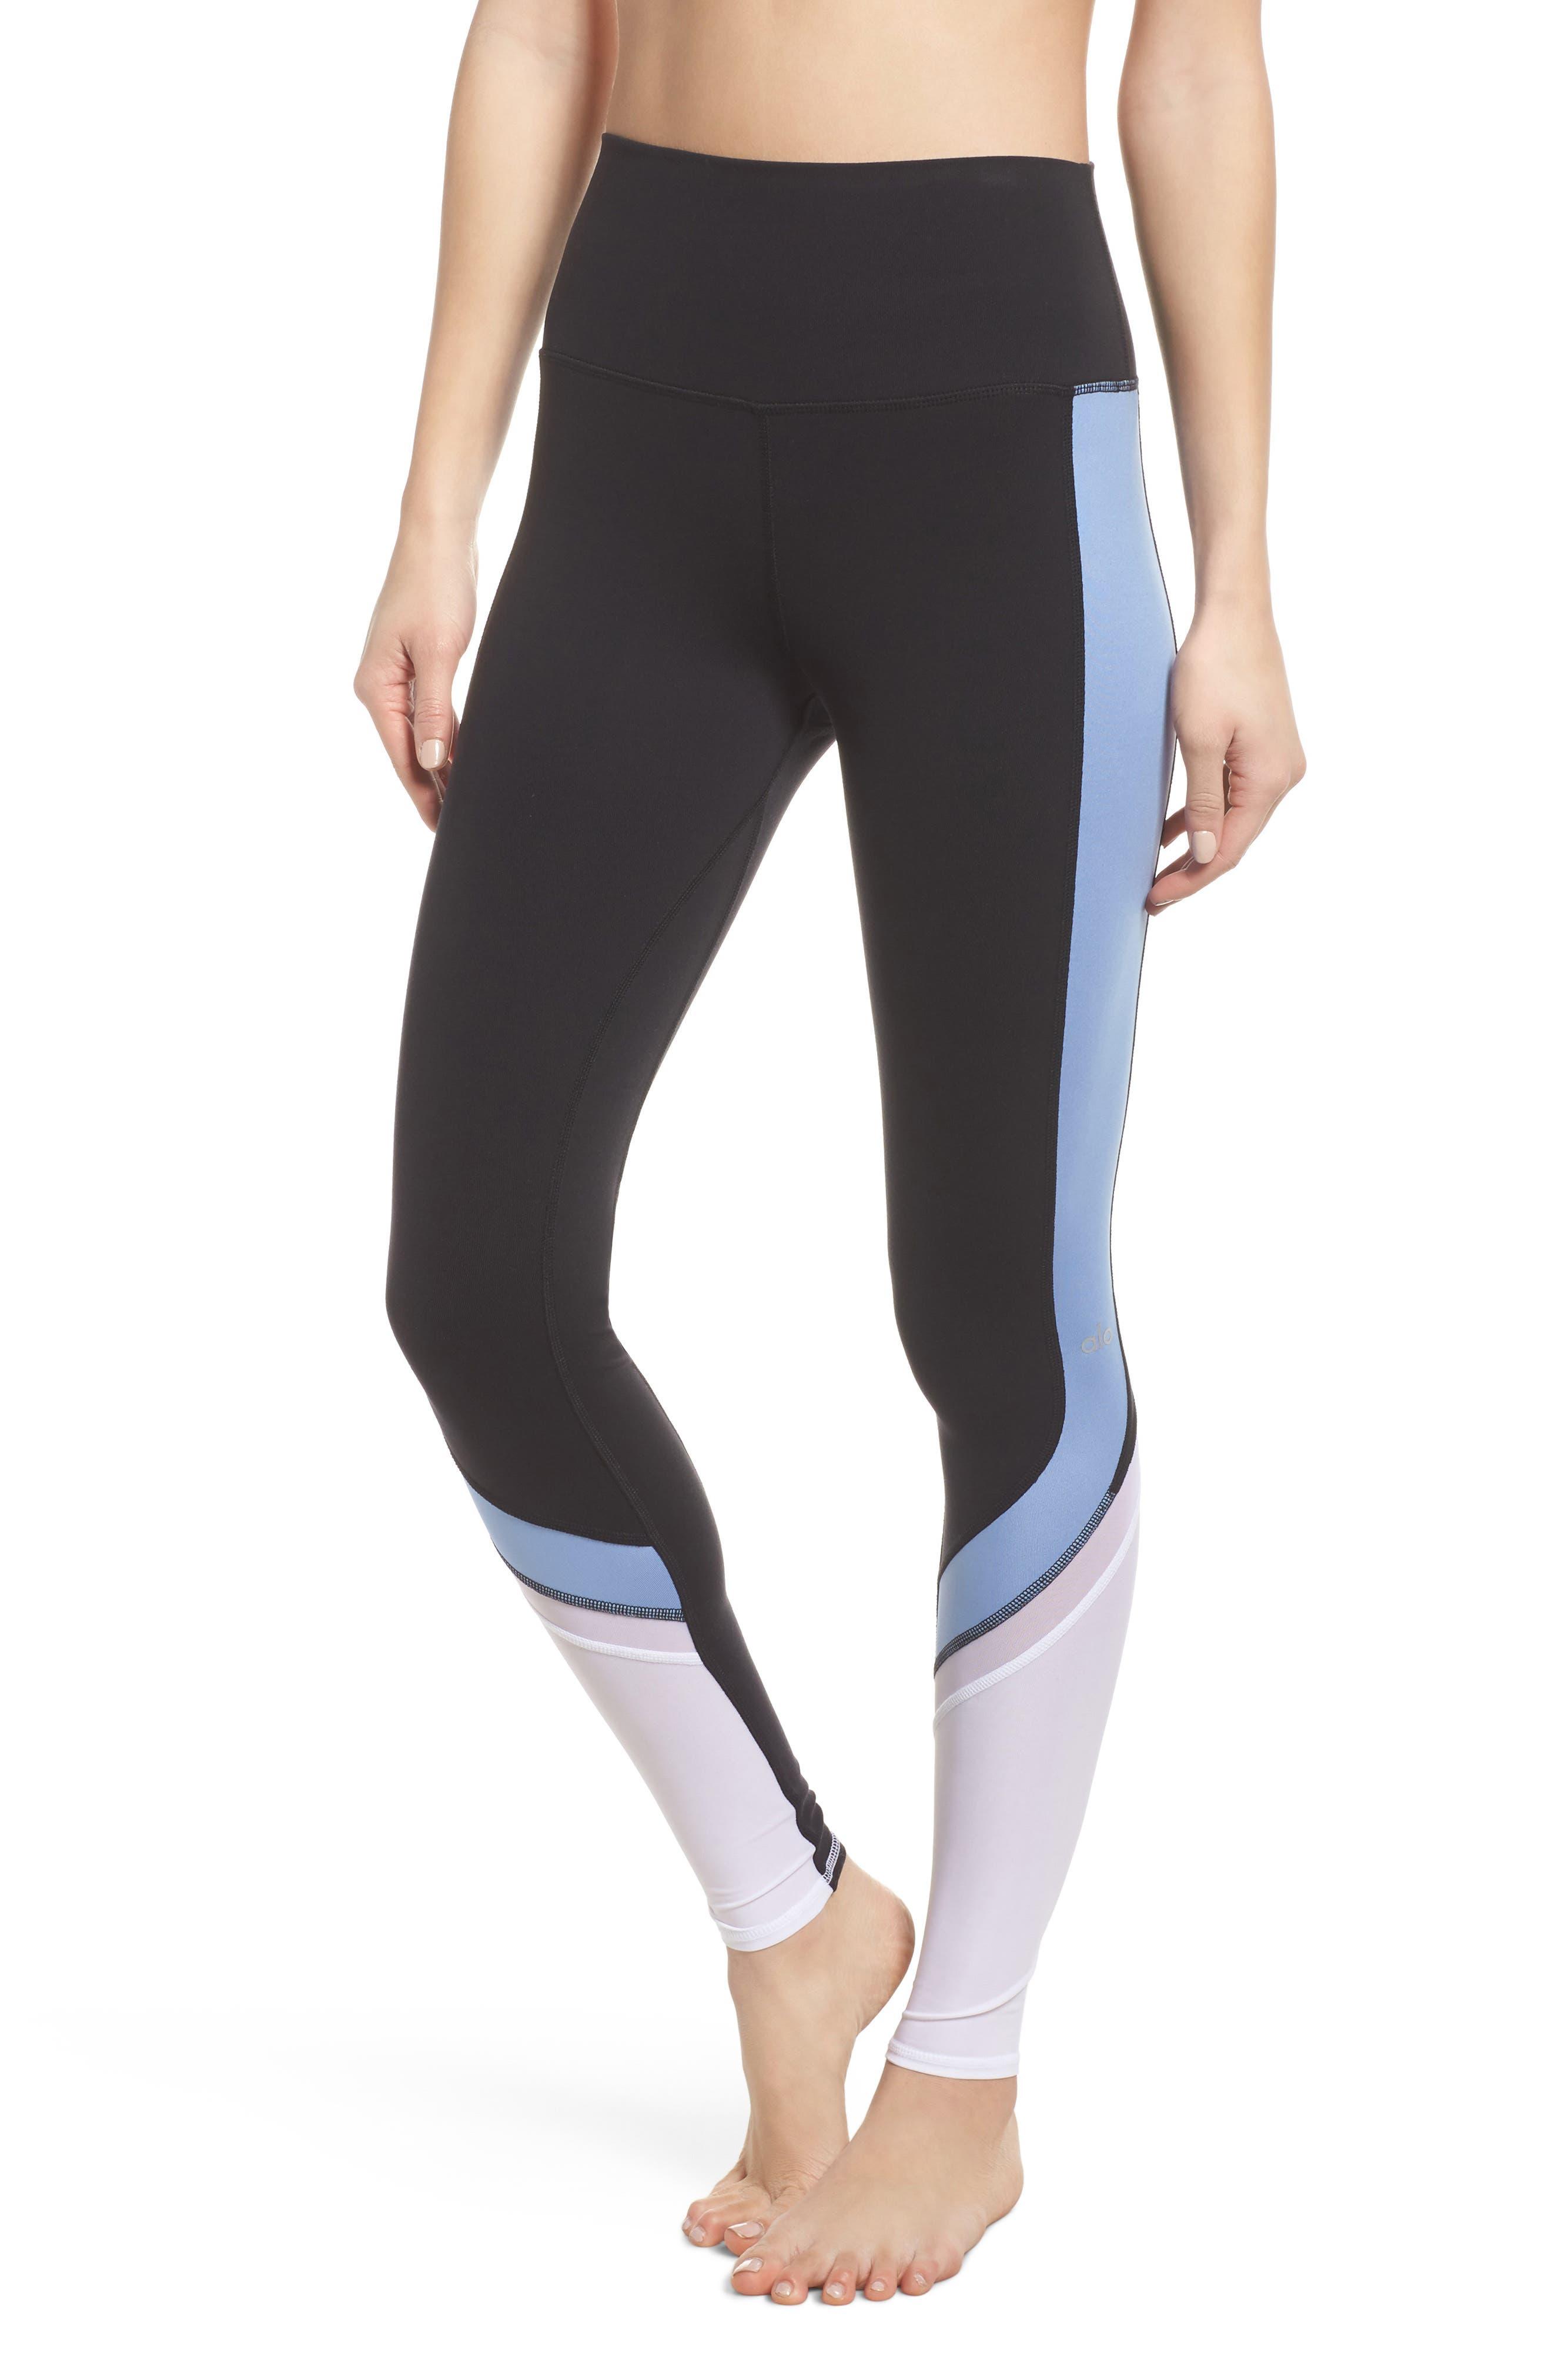 Elevate Leggings,                         Main,                         color, Black/ Uv Blue Glossy/ White